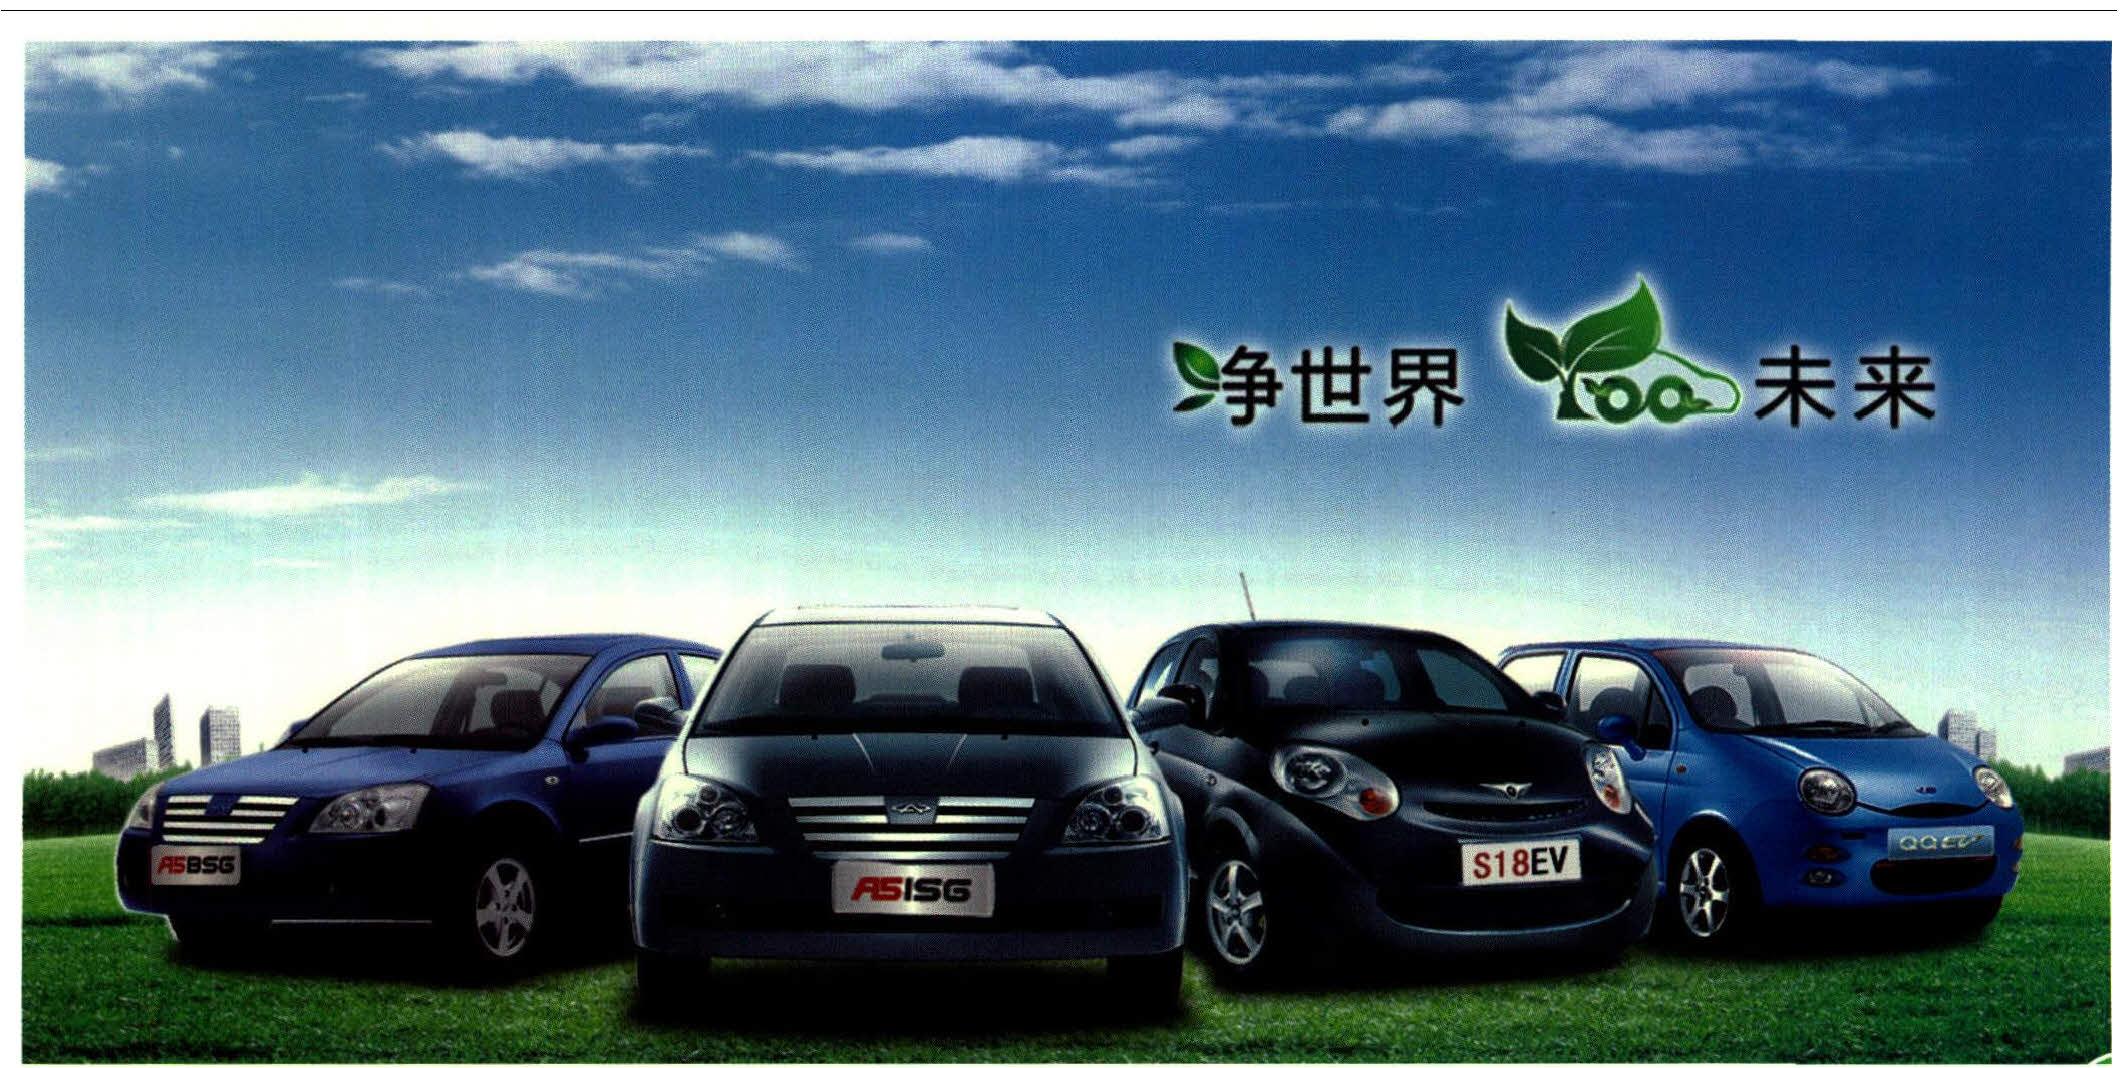 登封新能源汽车项目进展顺利